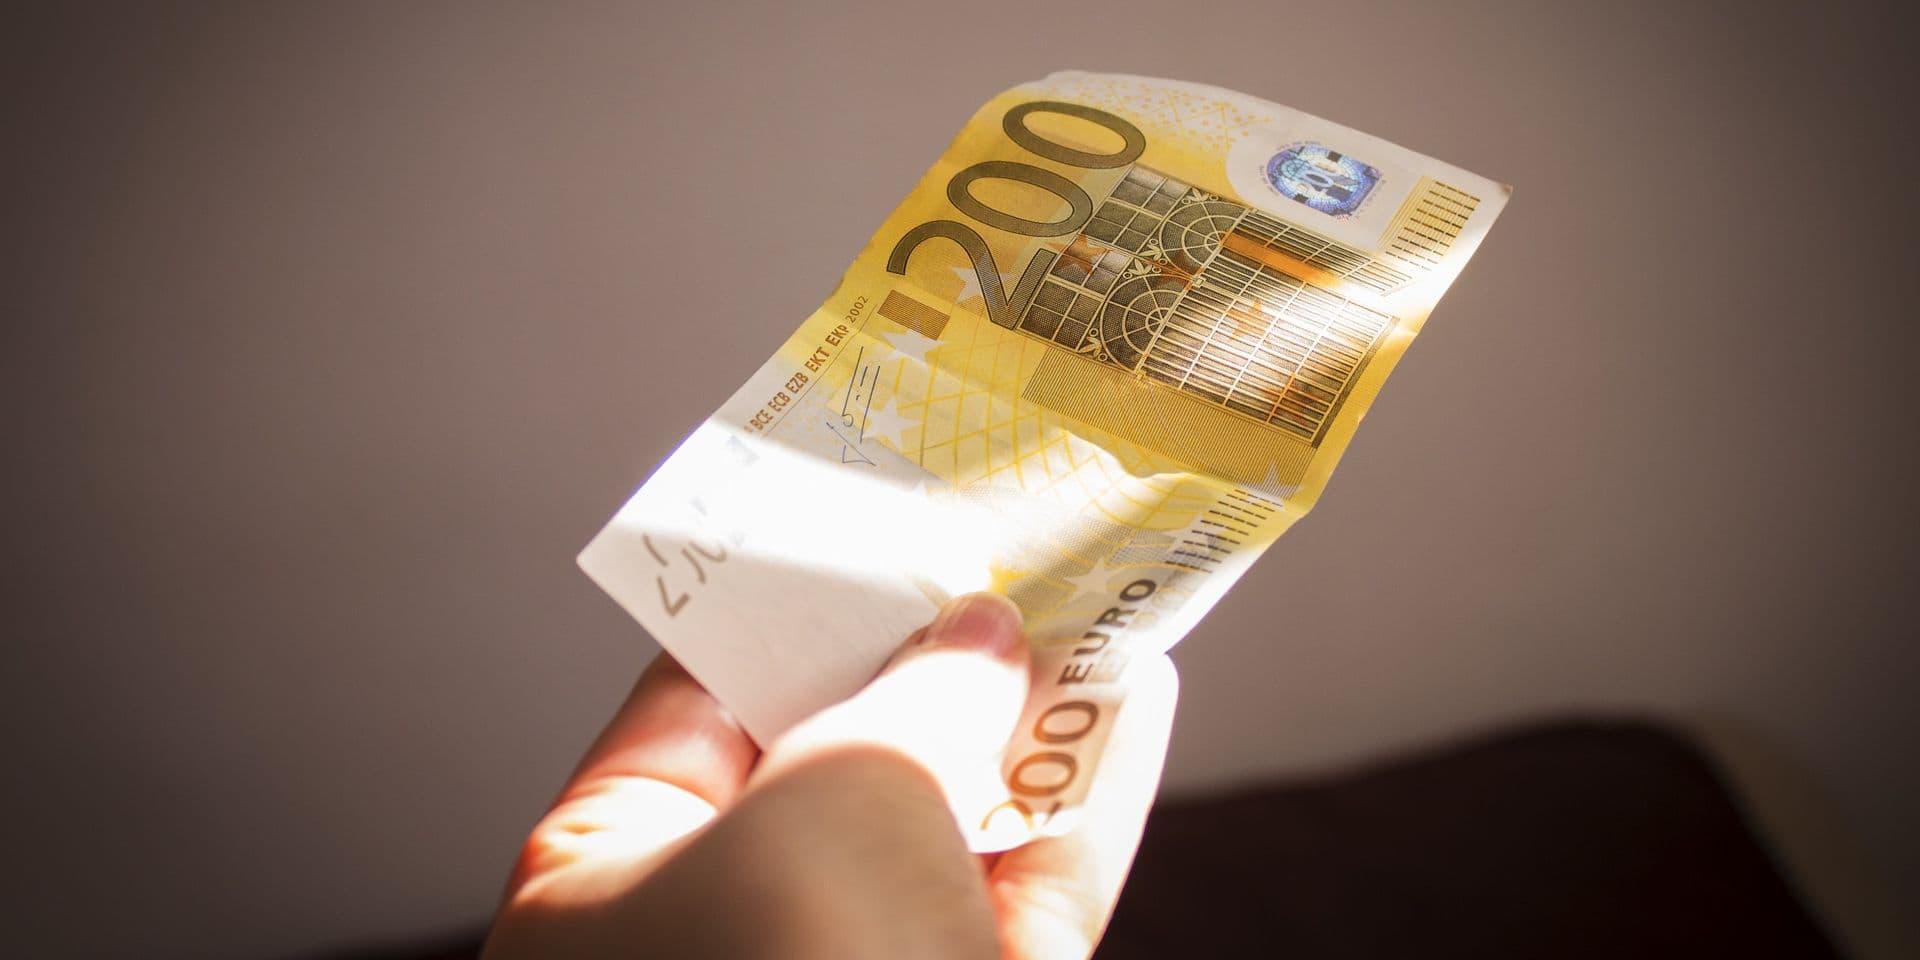 Deux personnes interpellées à la gare de Bruxelles-Midi avec plus de 300 faux billets de 200 euros